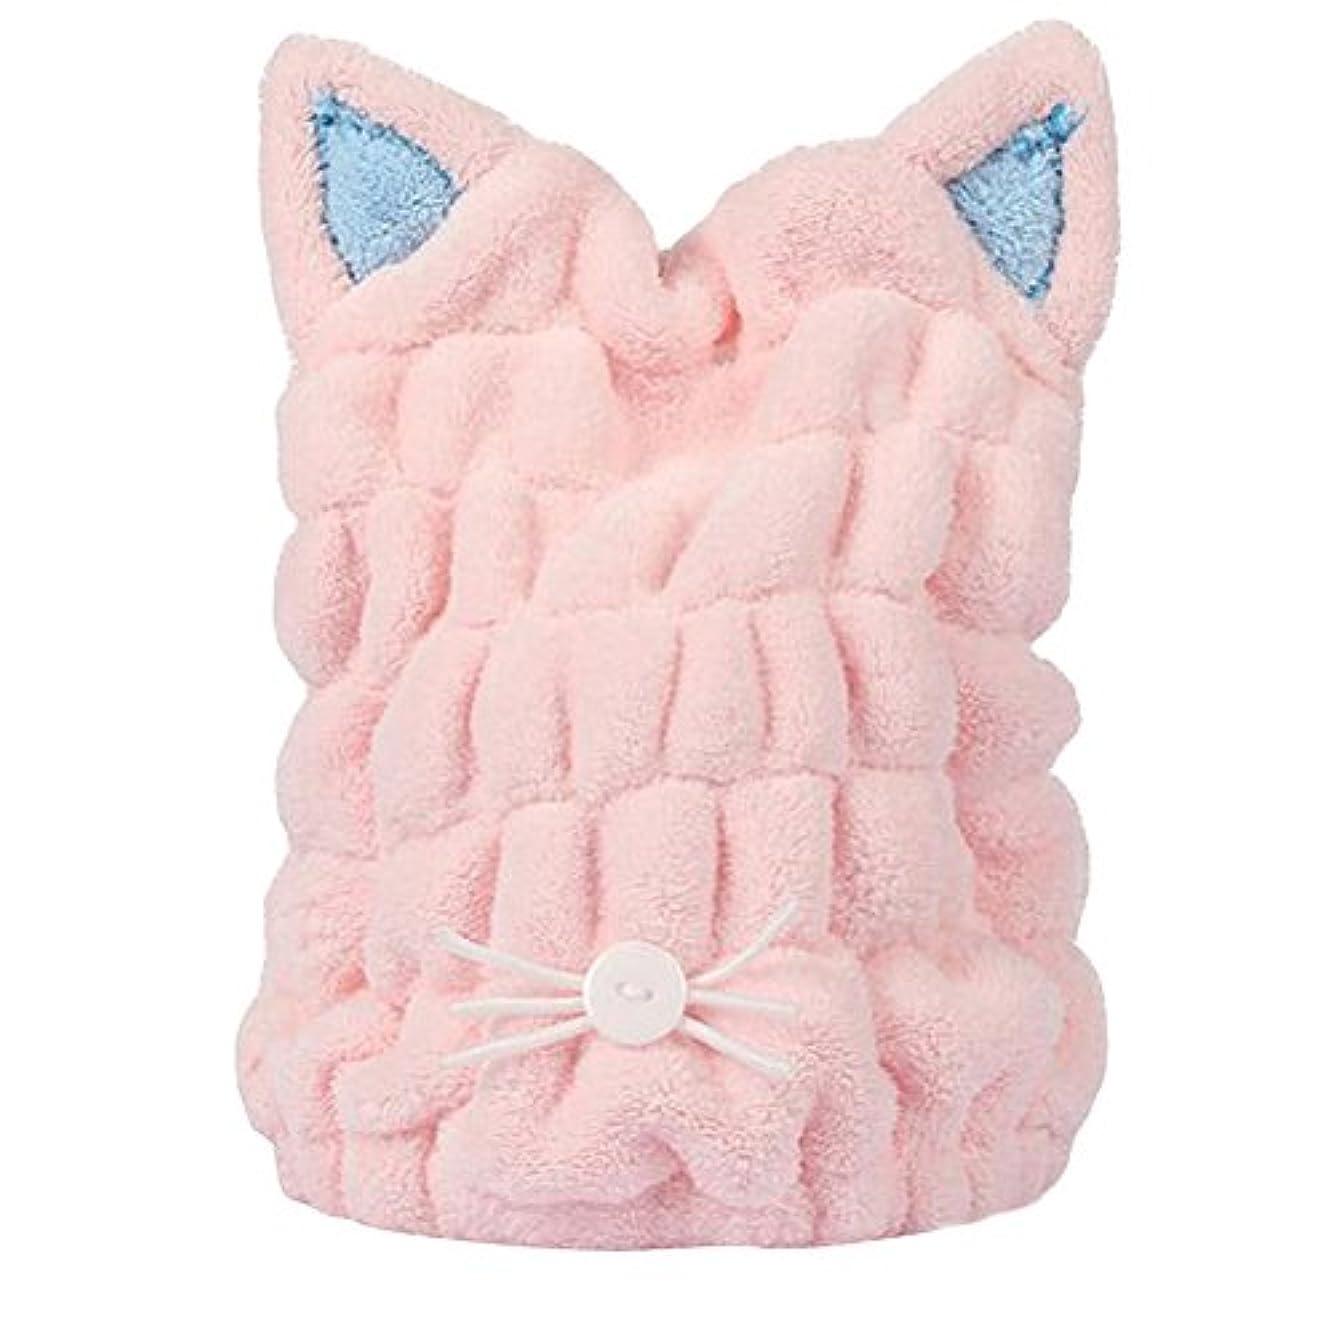 スノーケル松悪用タオルキャップ 猫耳 ヘアドライキャップ 吸水 乾燥用 お風呂用 マイクロファイバー 可愛い (ピンク)